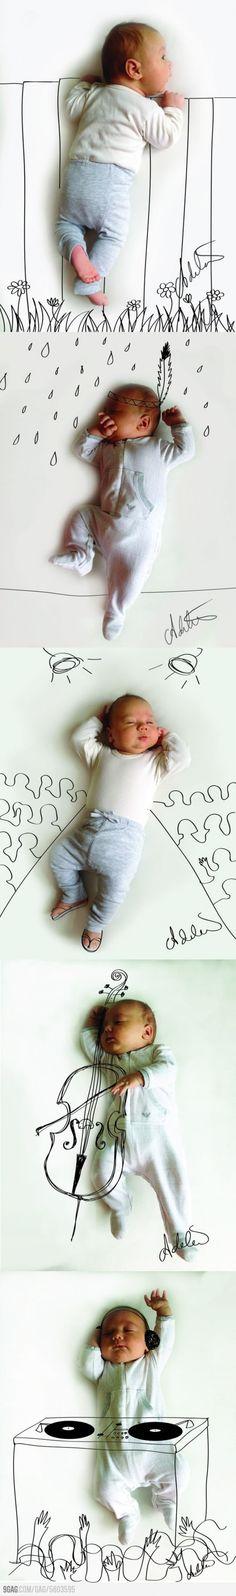 Leuk idee om te tekenen op je kinderfotos! Door michouvandonk....OMG this is very amusing!